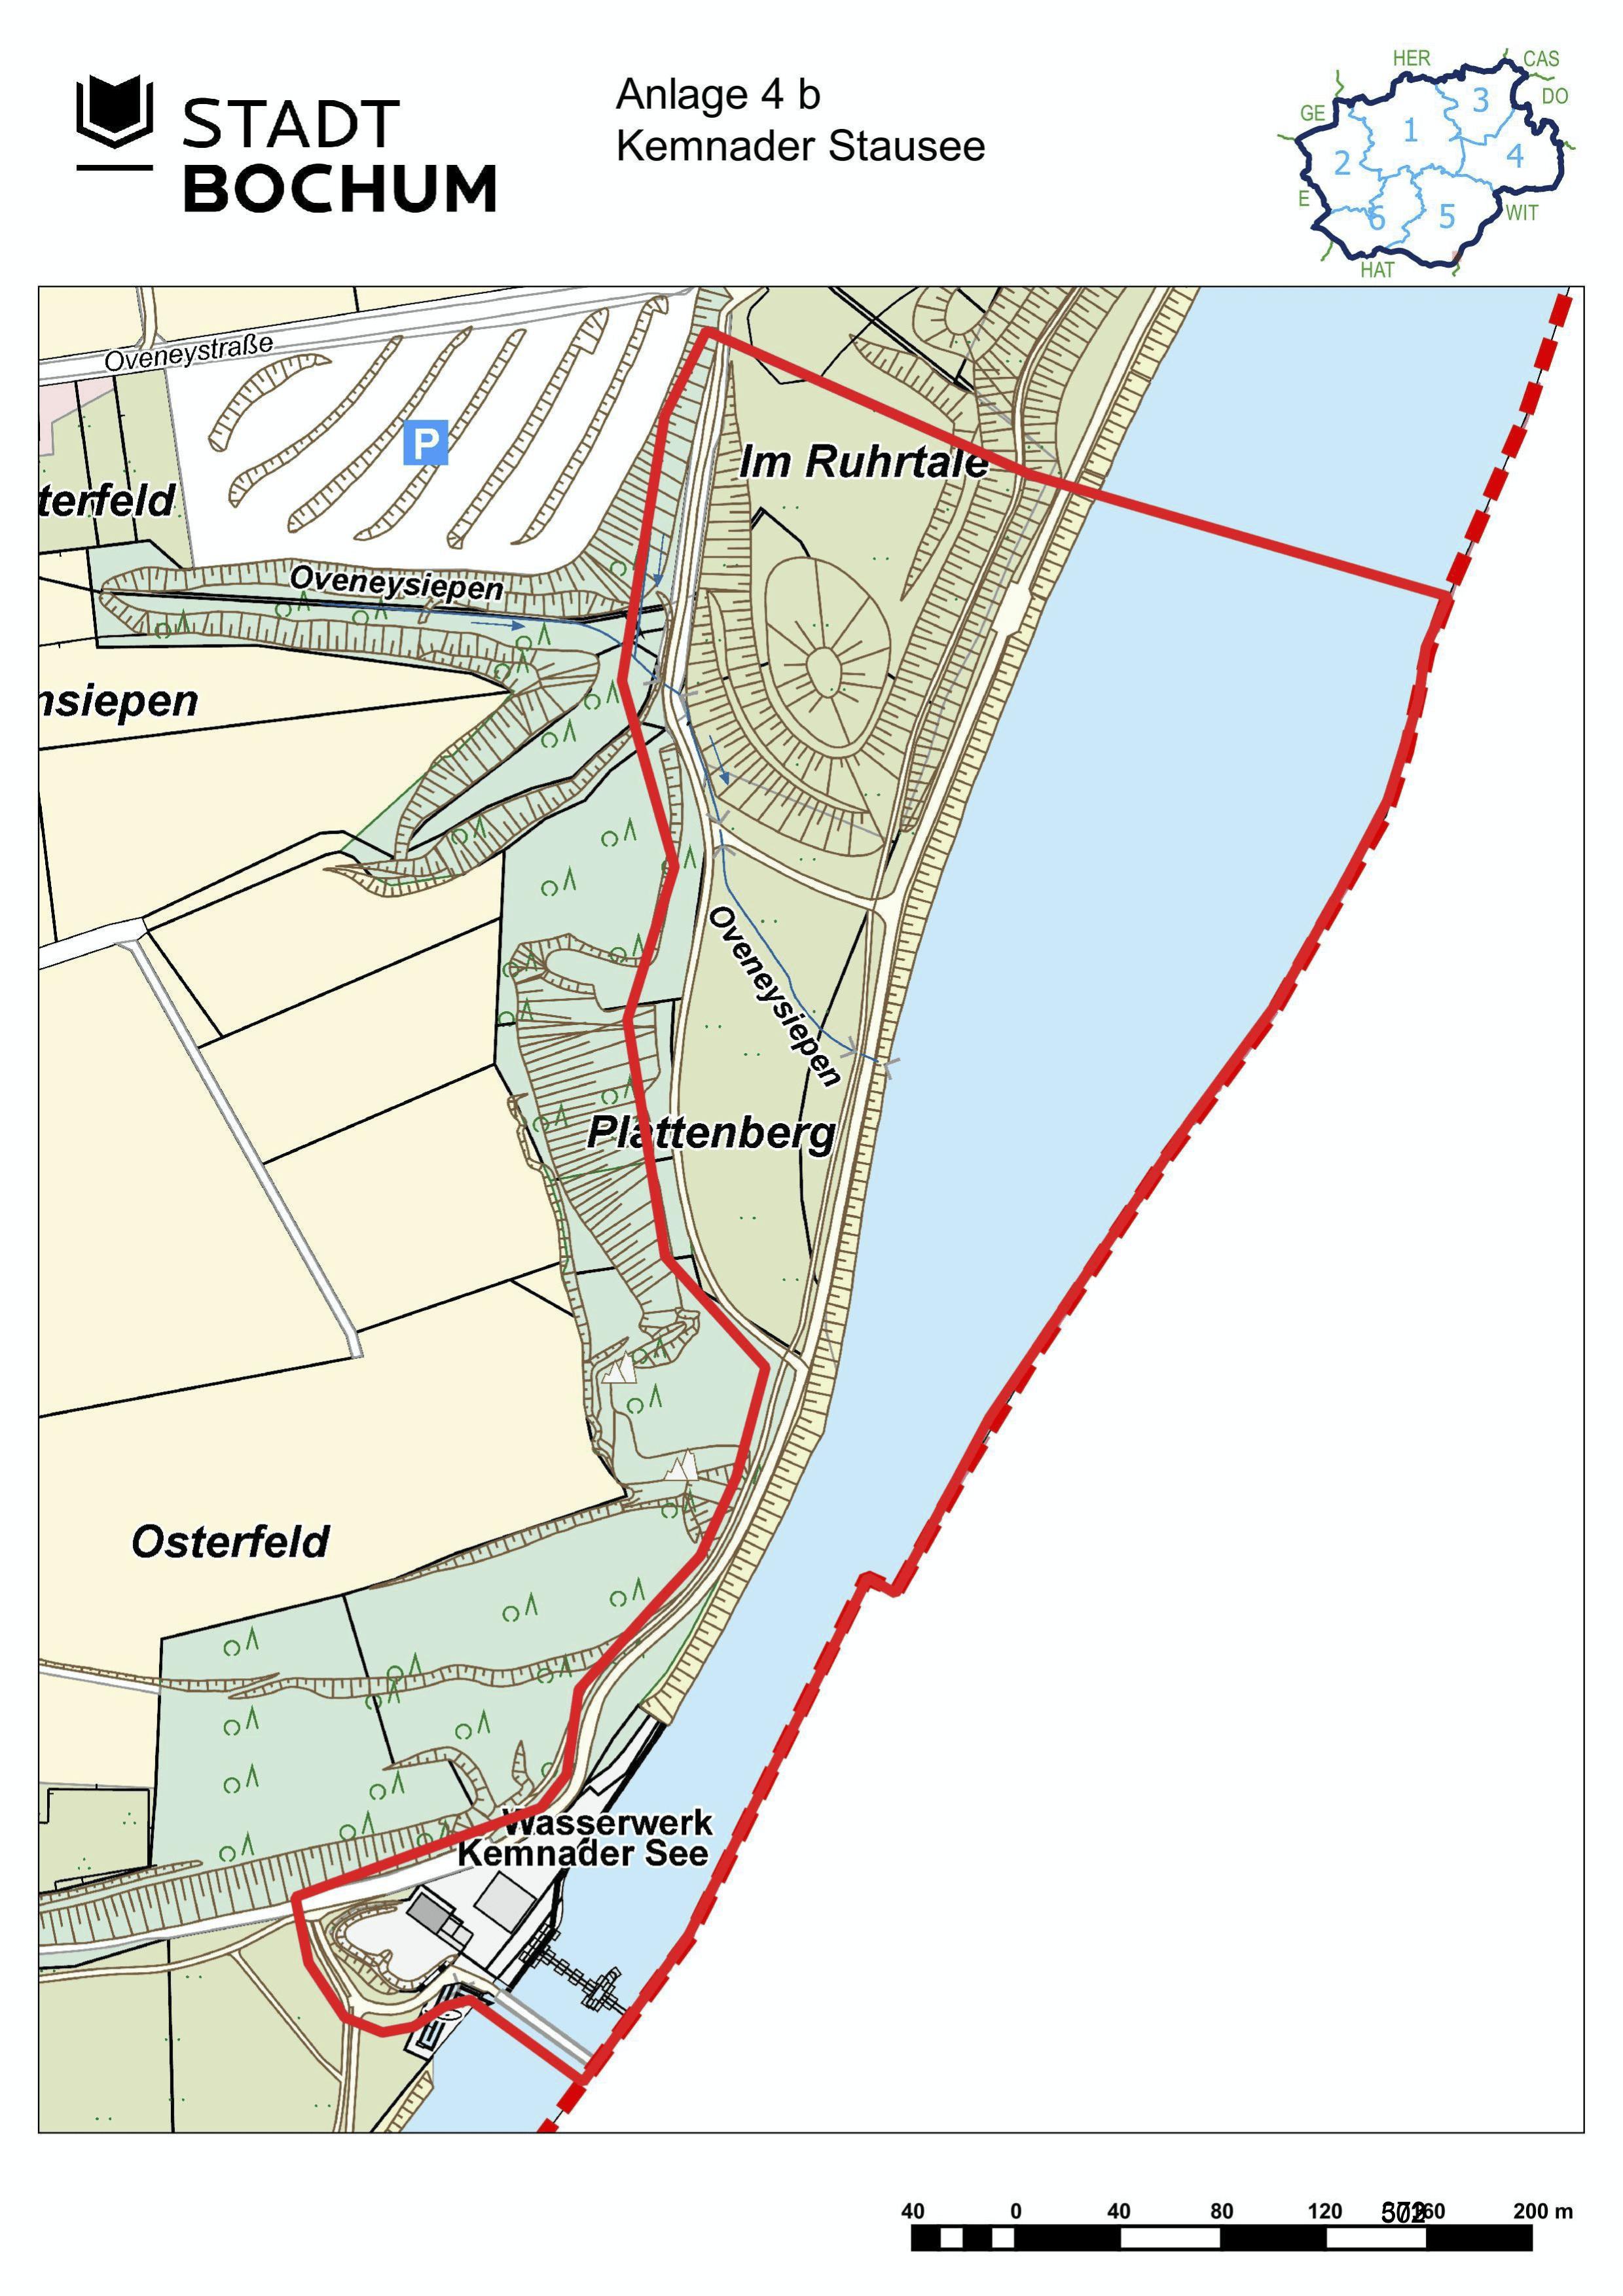 Anlage 4b (Kemnader See) der Sonderausgabe des Amtsblatts (28/2021)